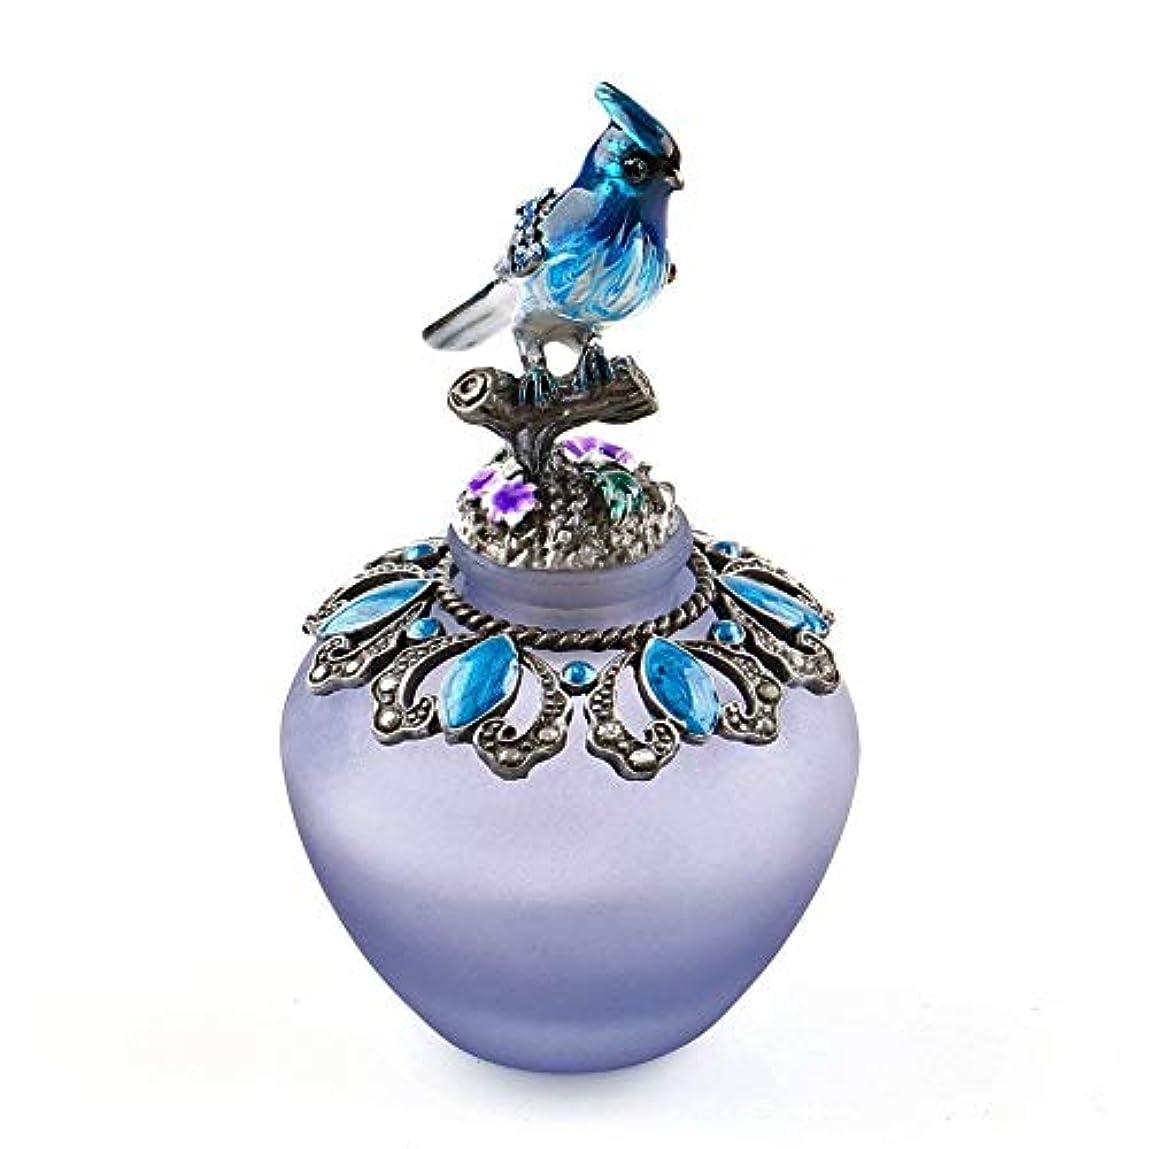 平行不格好流産EasyRaku 高品質 美しい香水瓶 鳥40ML ガラスアロマボトル 綺麗アンティーク調欧風デザイン クリスマスプレゼント 結婚式 飾り